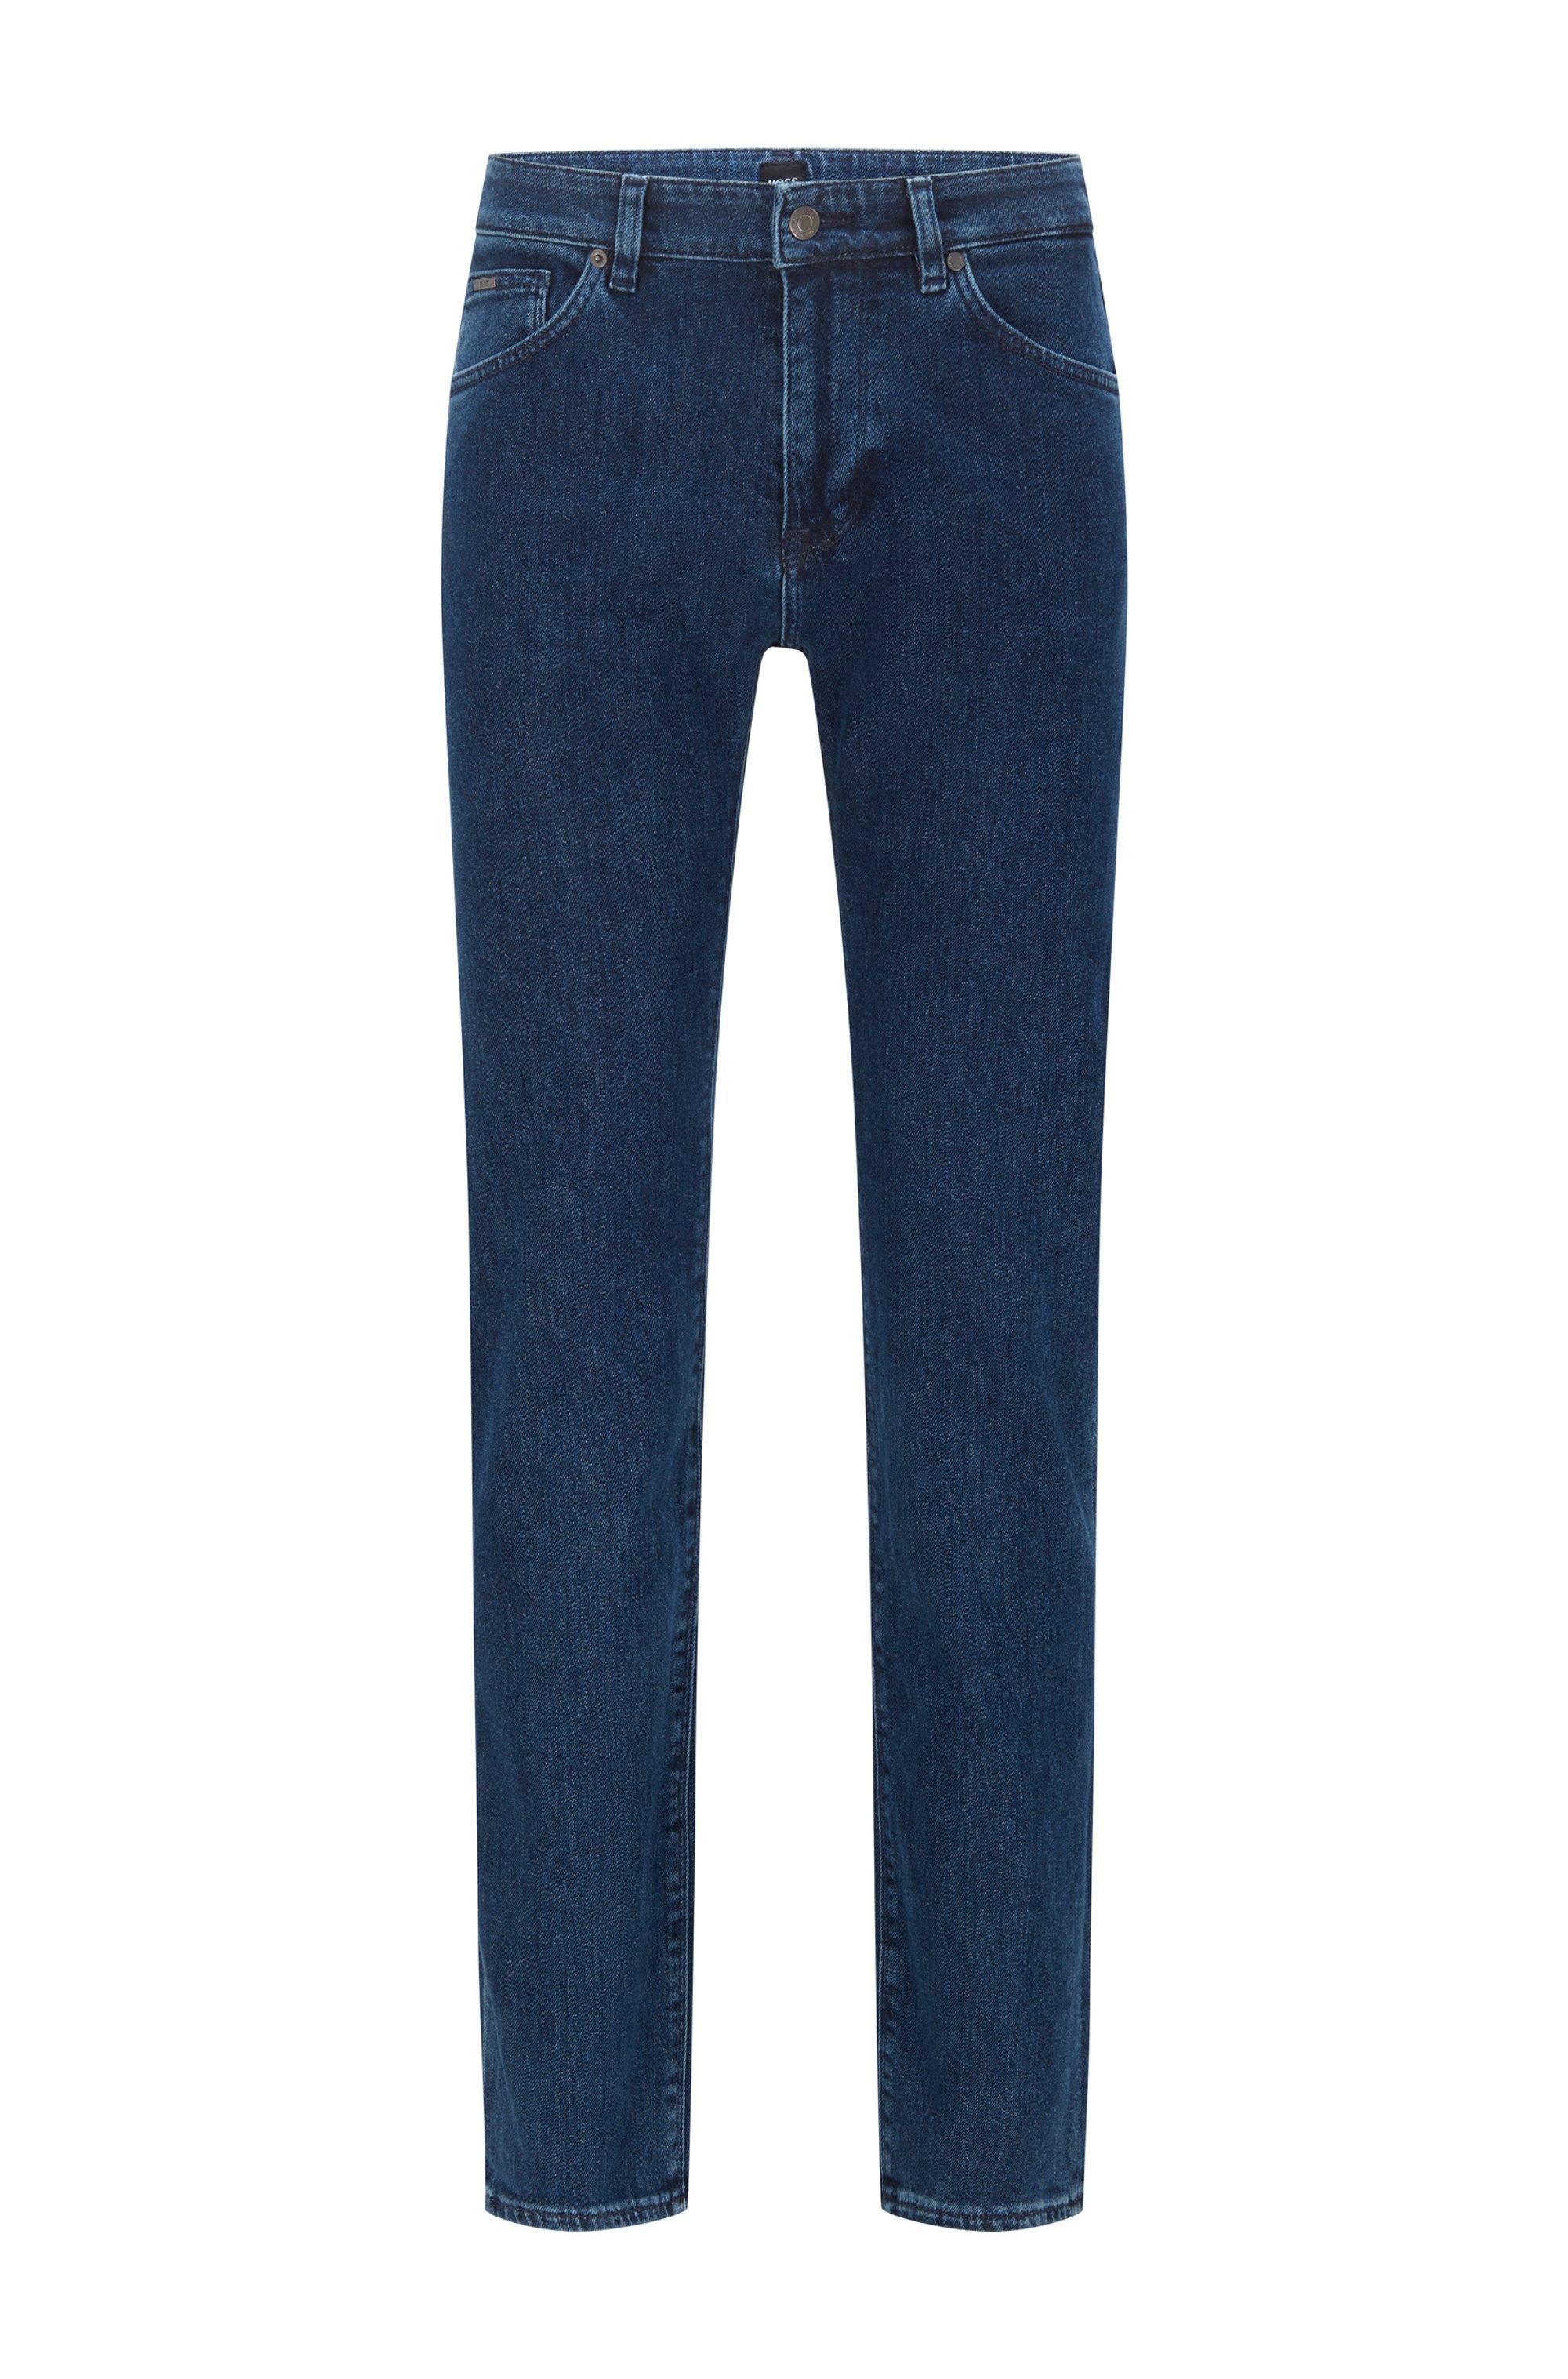 Regular-Fit Jeans aus italienischem Stretch-Denim, Blau